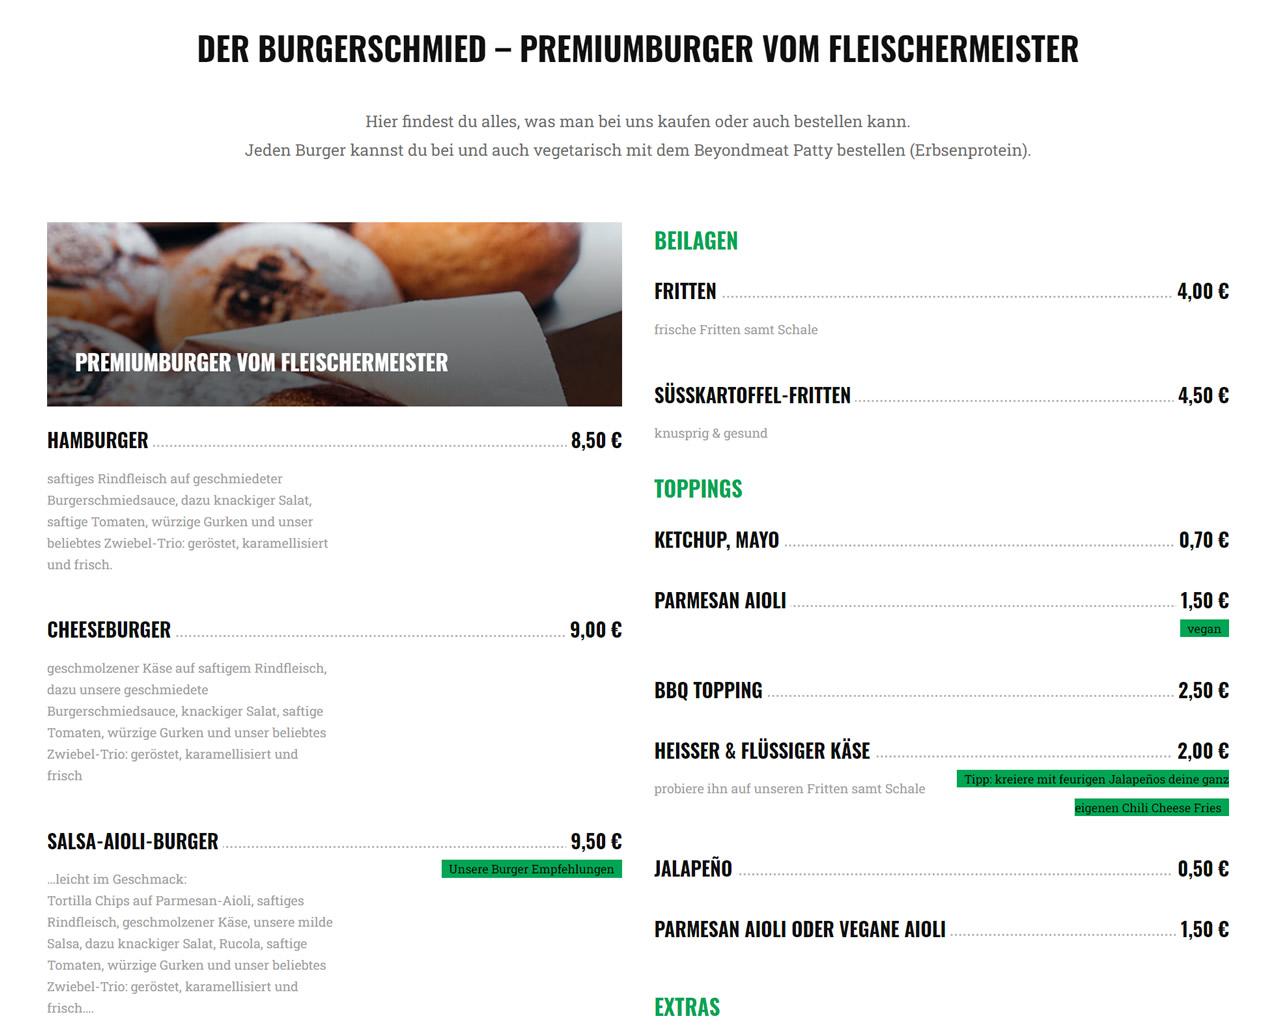 Burger Grill & Lieferservice mieten für  Springe, Bad Münder (Deister), Wennigsen (Deister), Coppenbrügge, Barsinghausen, Gehrden, Messenkamp und Hülsede, Ronnenberg, Lauenau